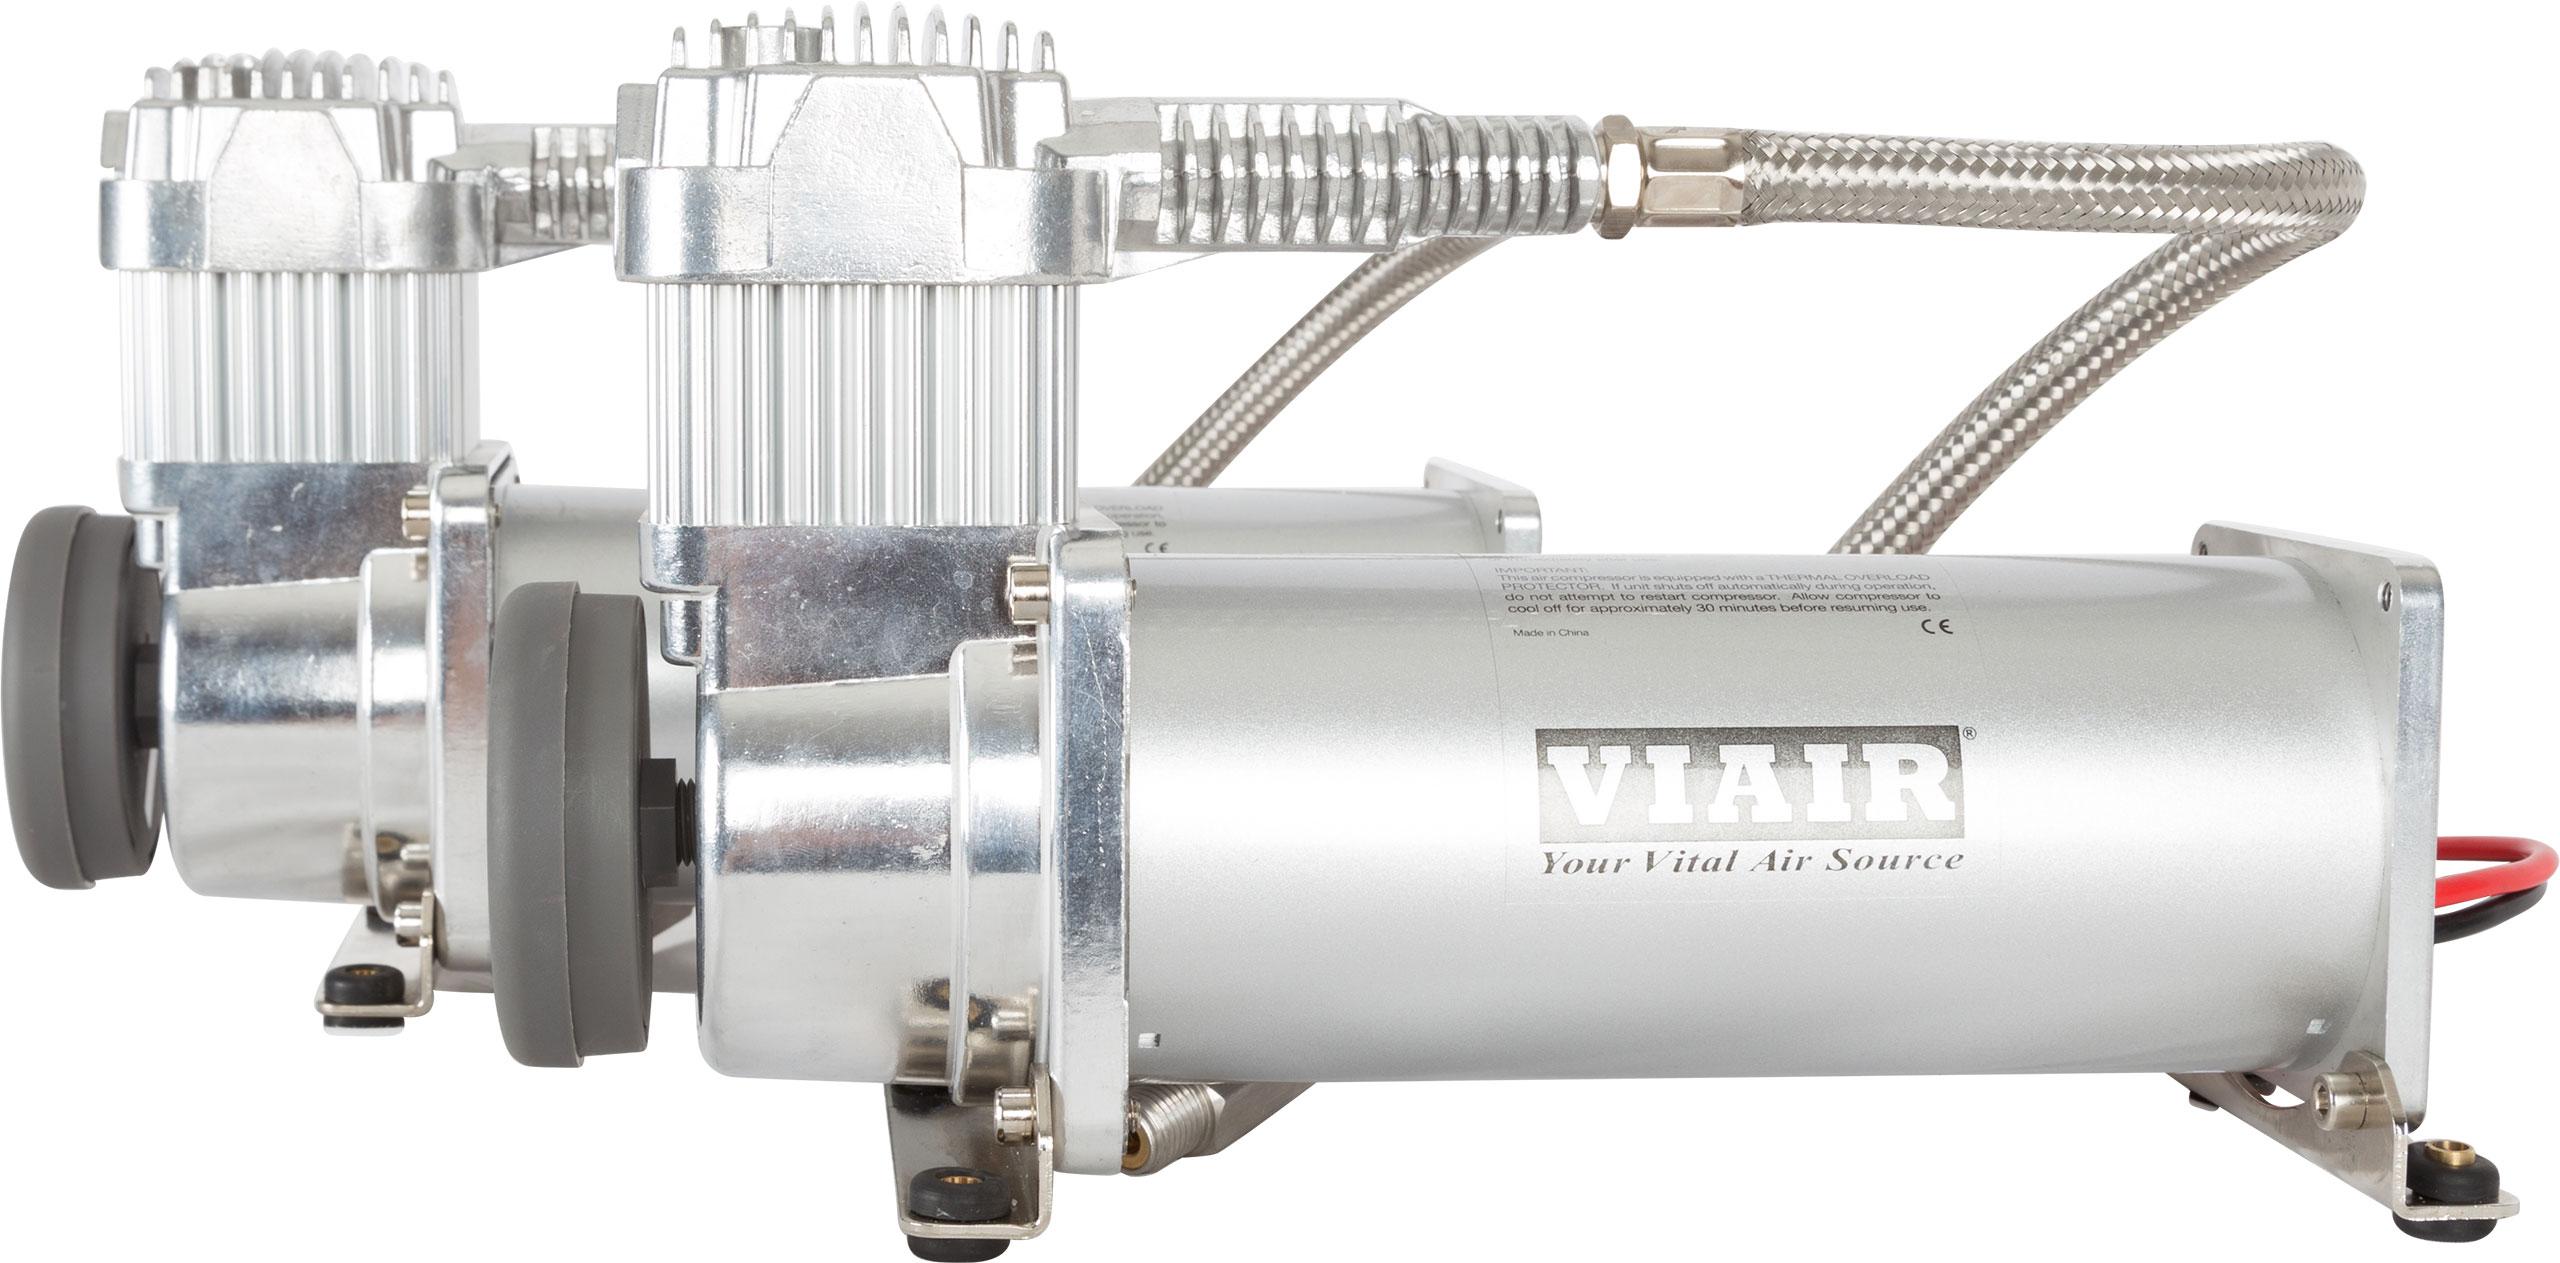 Viair Relay Wiring Diagram Viair 40043 4 00p Portable Compressor ...